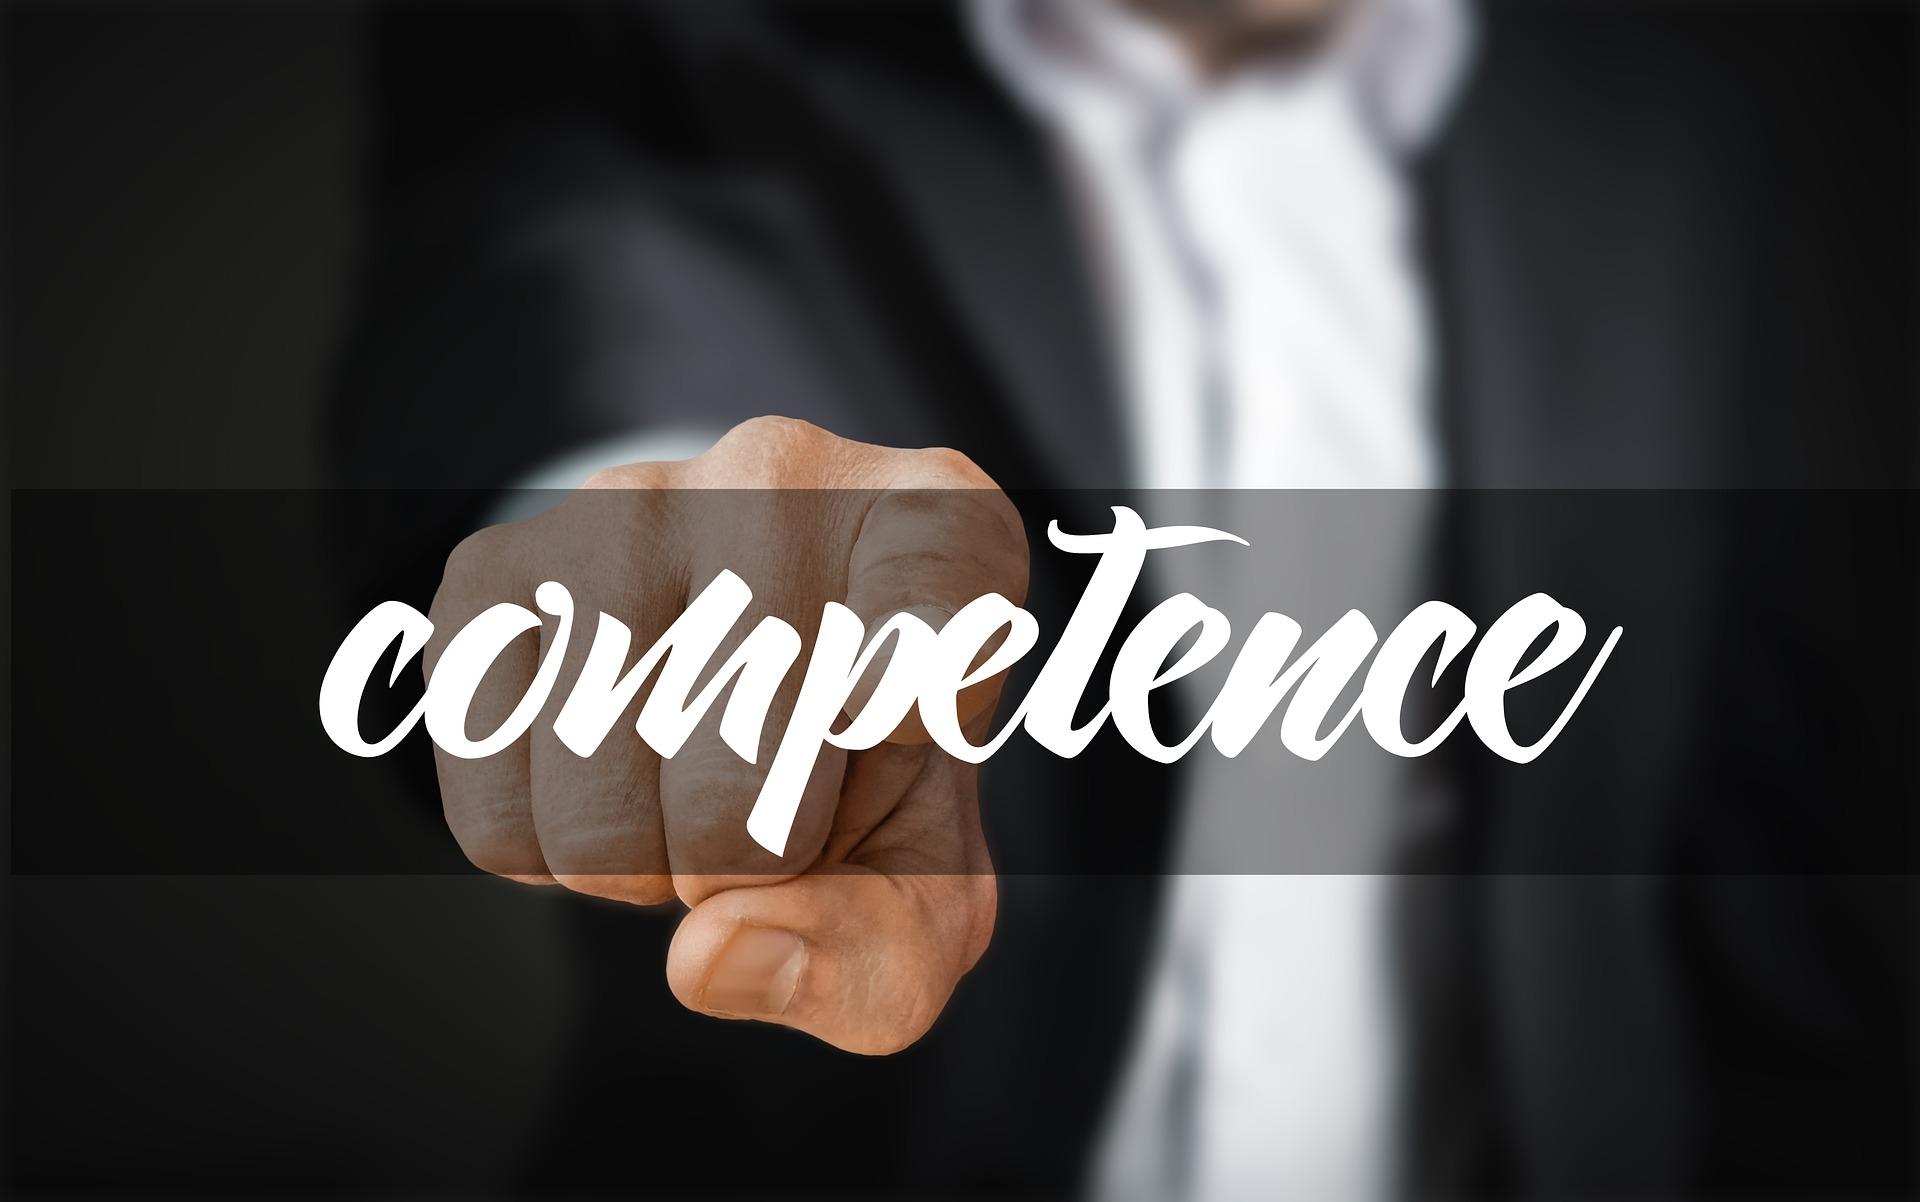 経理の自己PRポイント|経理の強みをアピールする履歴書や職務経歴書の書き方の画像2